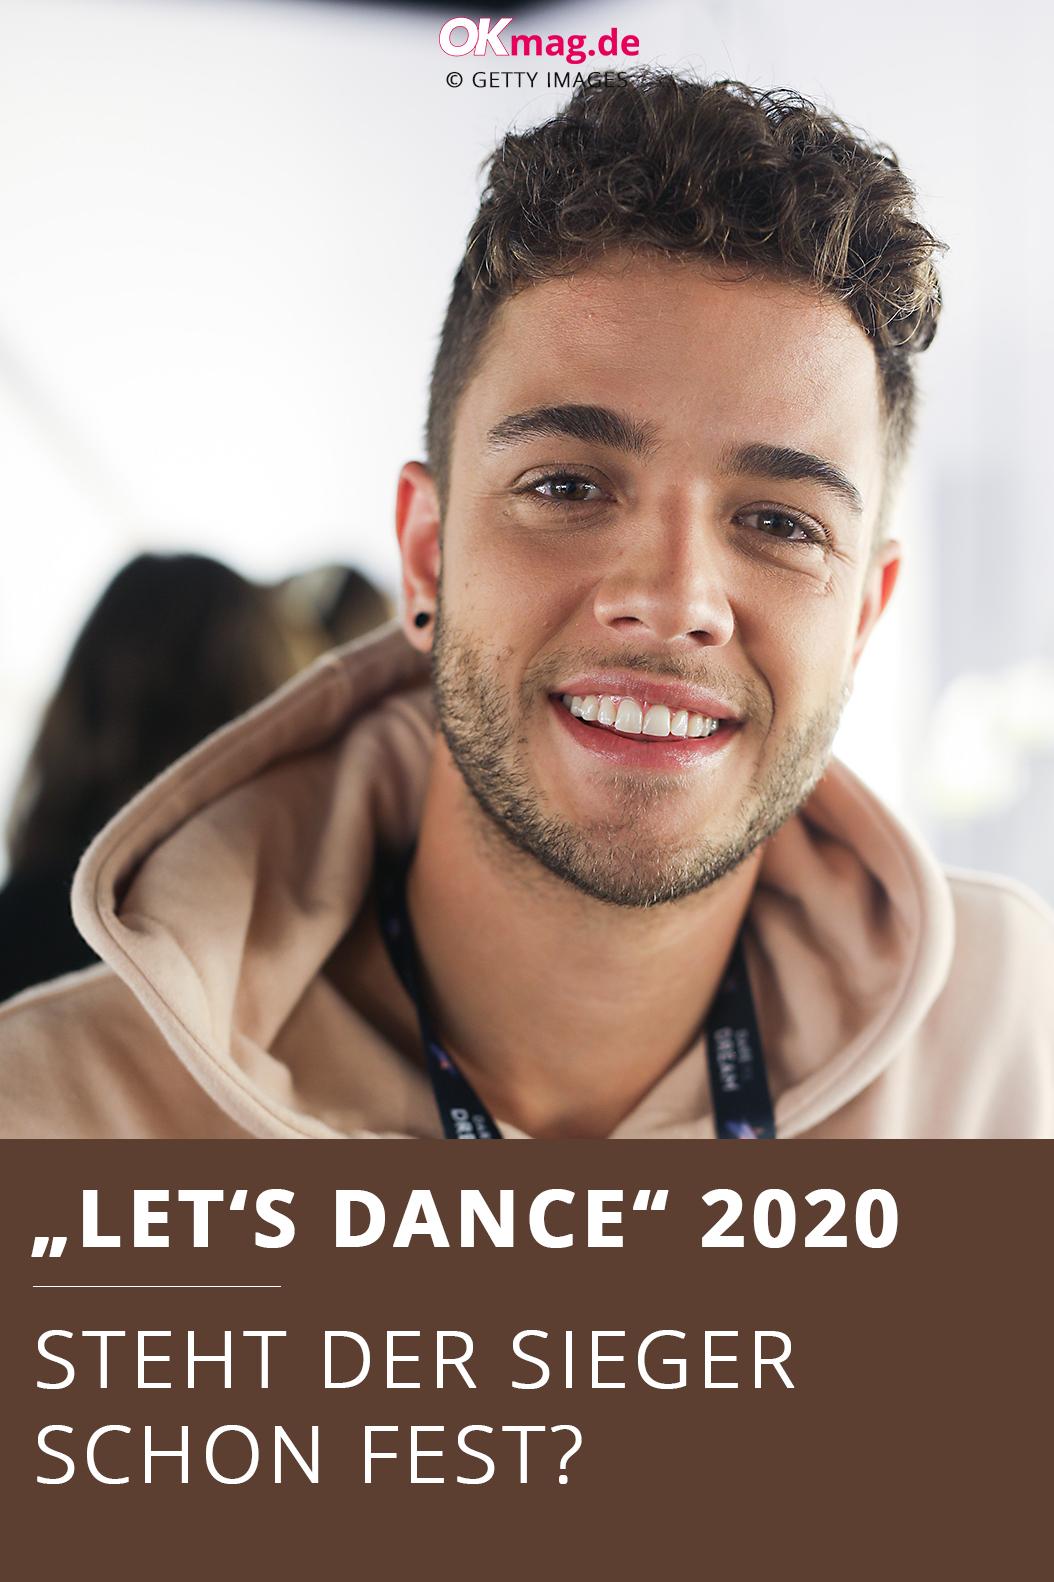 sieger lets dance 2020